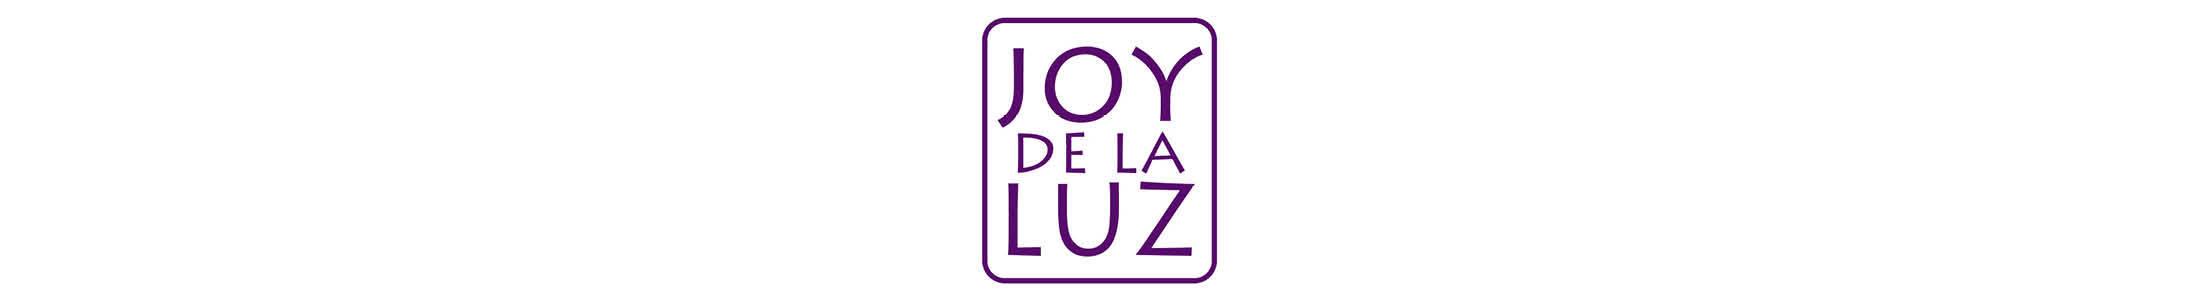 JoydlLuz Logo